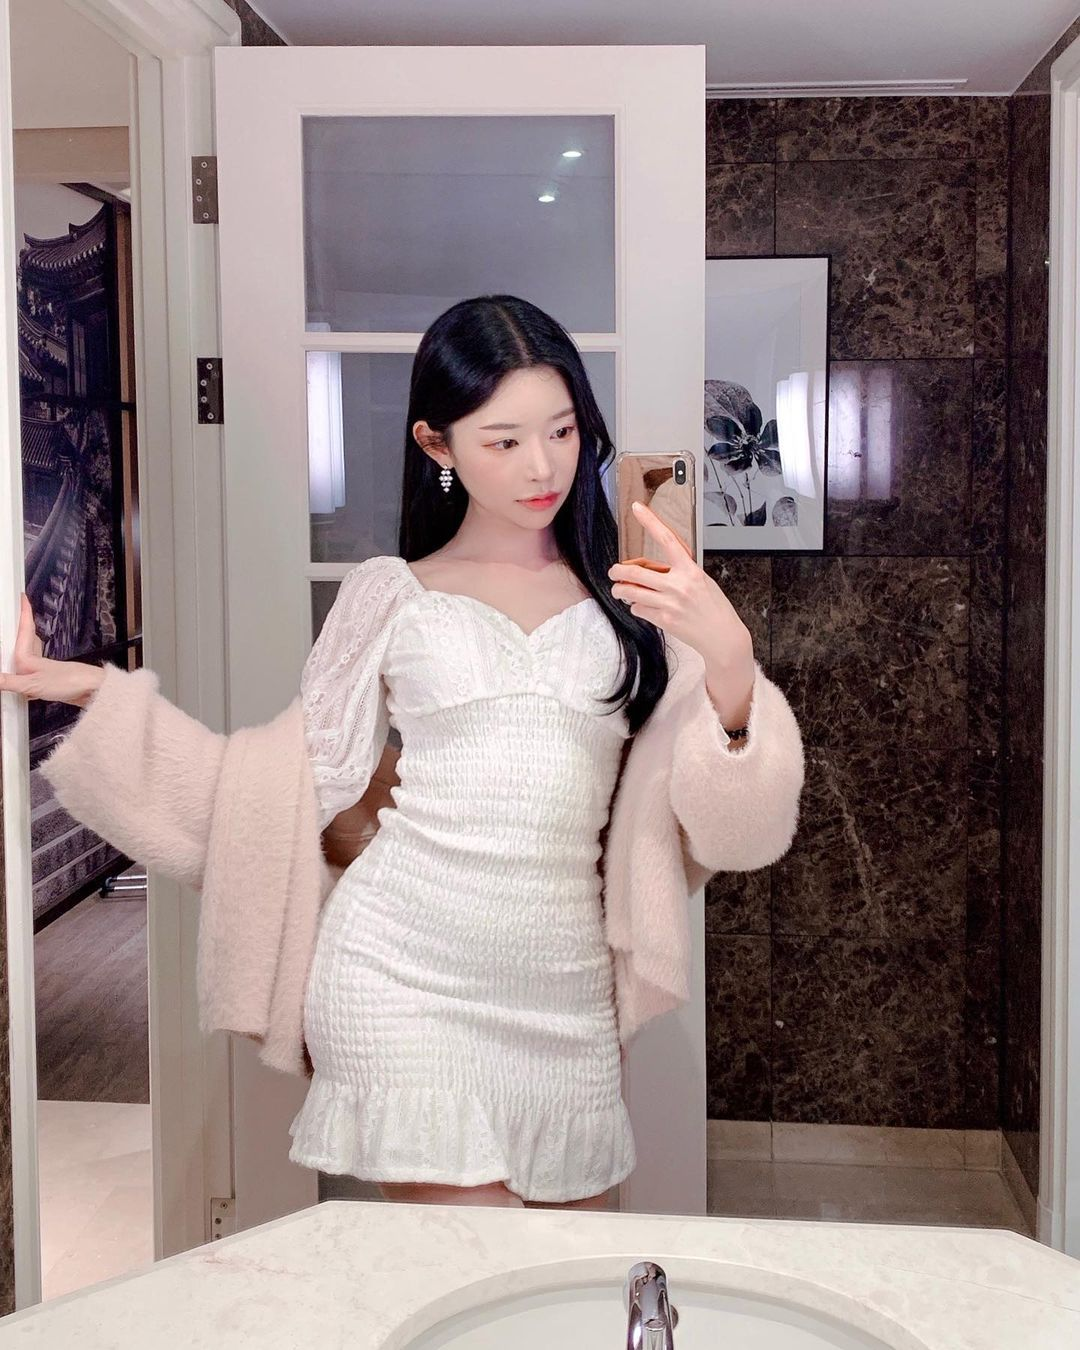 韩国街头超正短裙长腿妹,身材纤细却有料,清纯脸蛋藏着小恶魔的内在 养眼图片 第9张